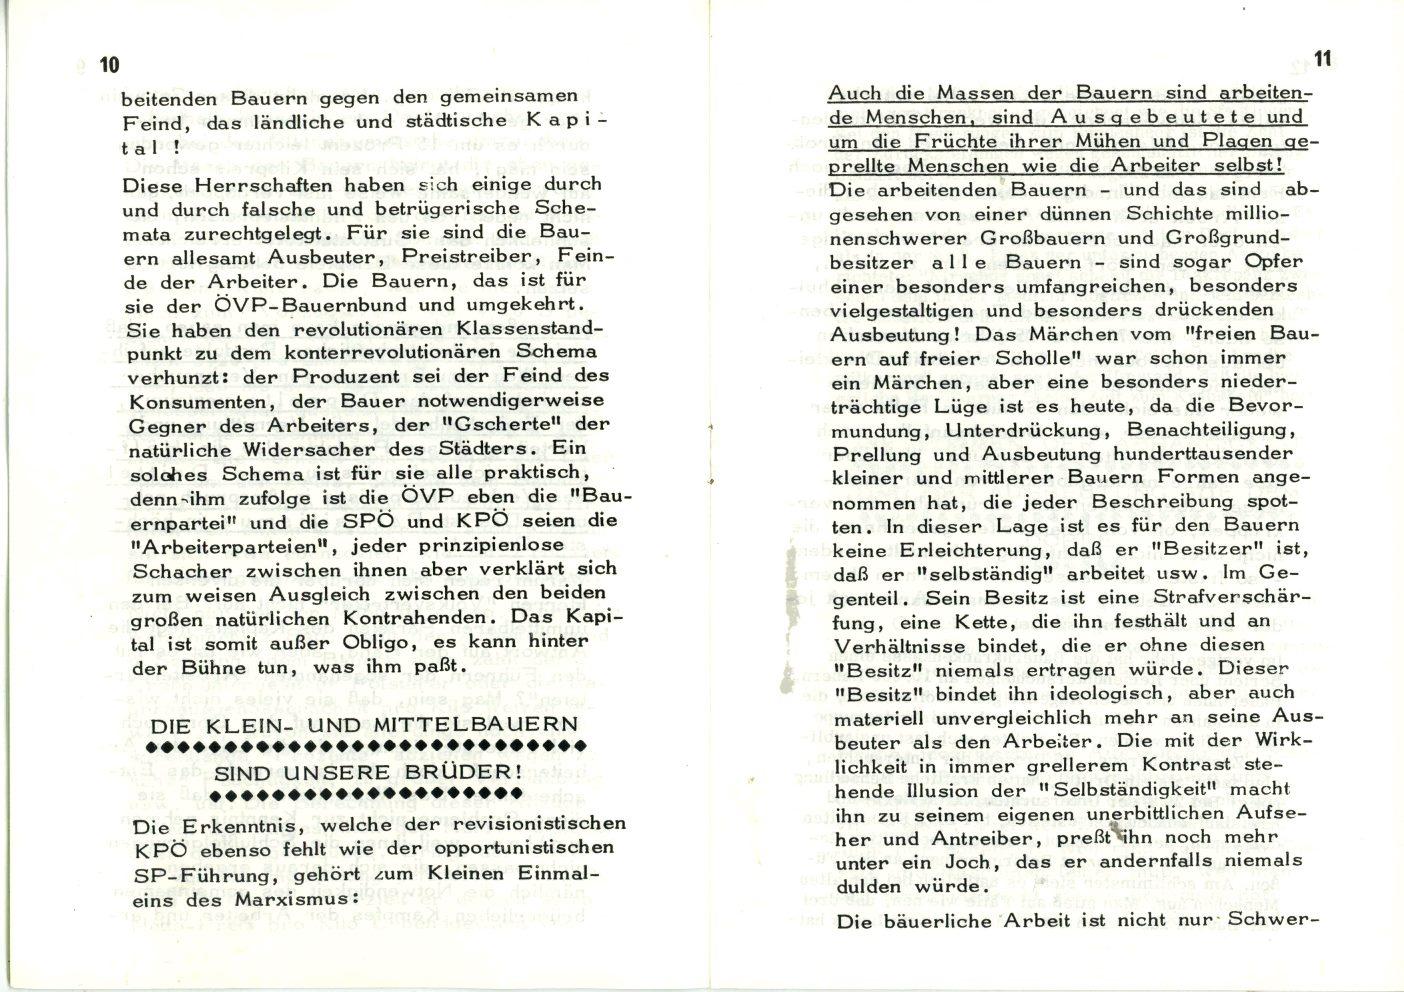 MLPOe_Soli_mit_den_Bauern_1972_06